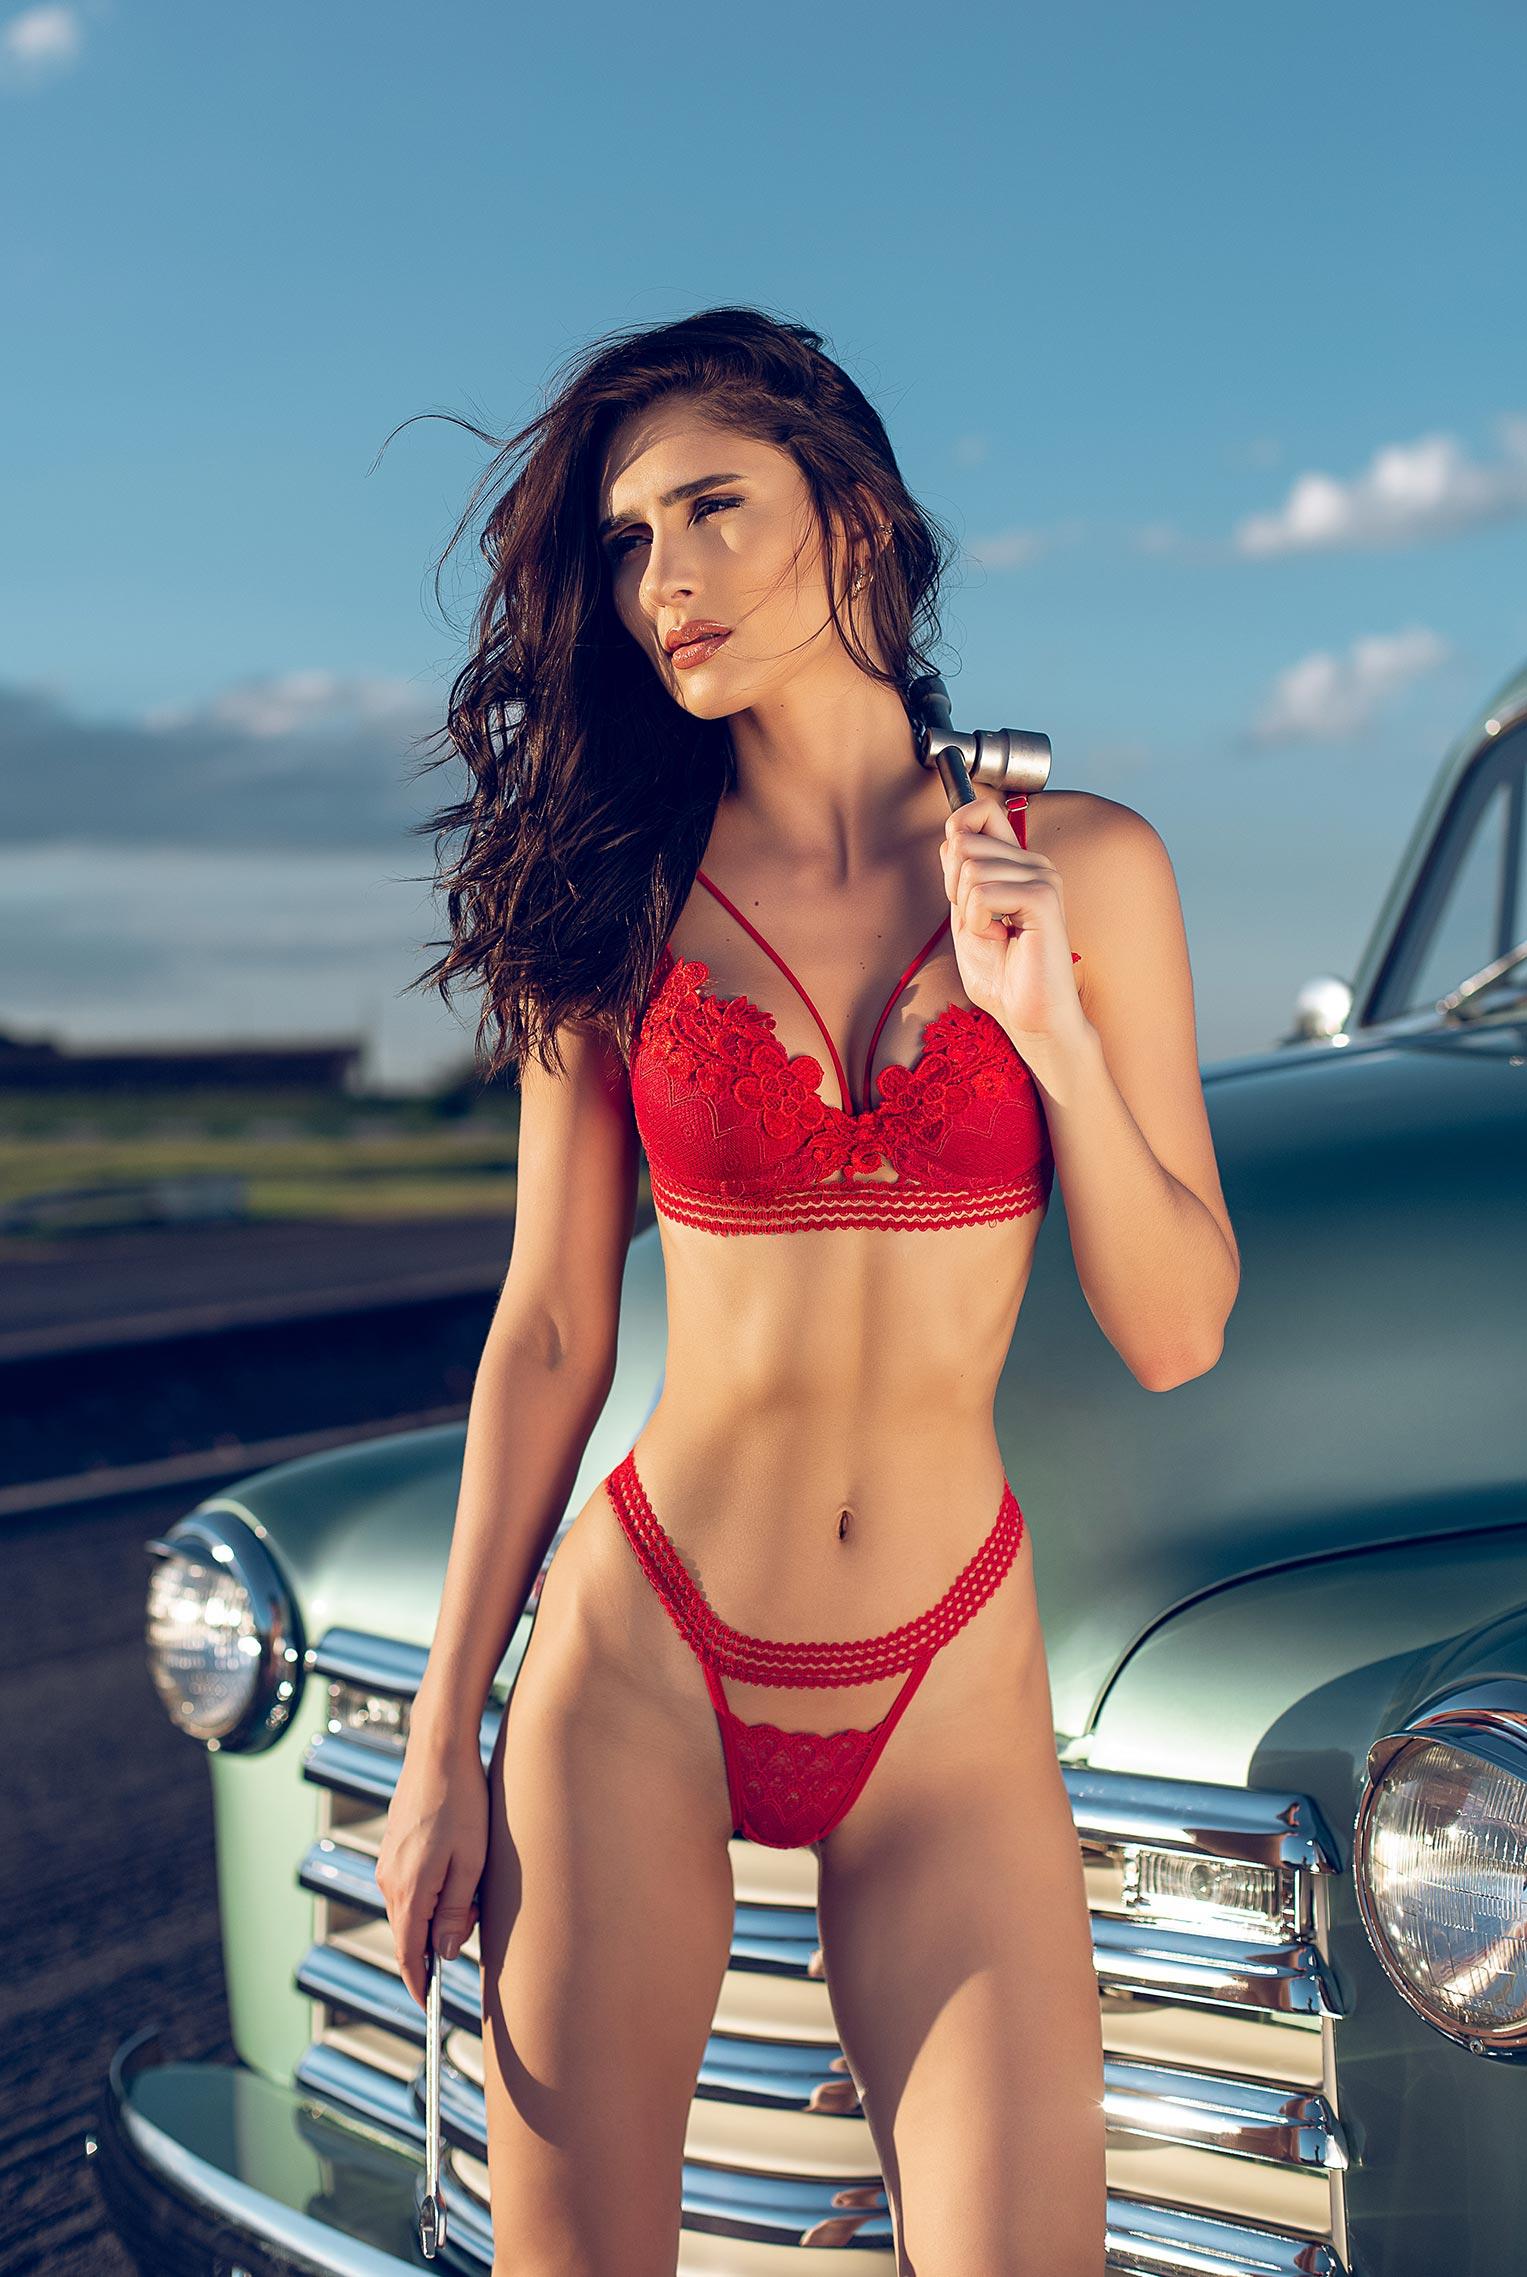 срочный автосервис / девушка с гаечными ключами лежит под машиной на пустынной дороге / фото 09